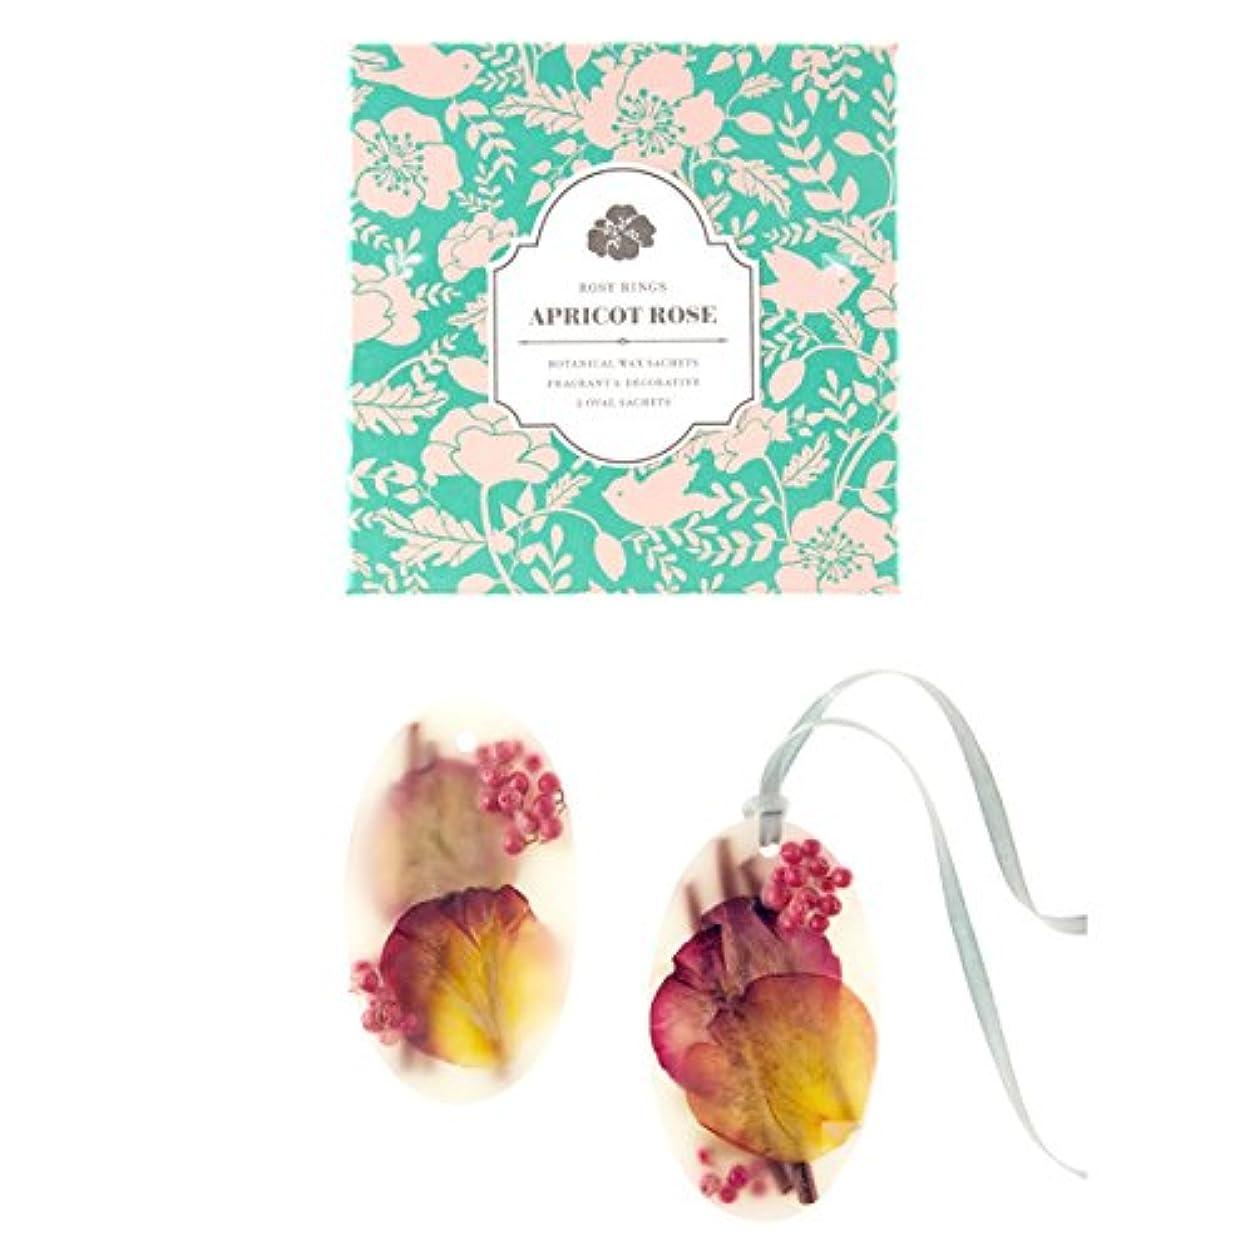 壁紙並外れてバンジージャンプロージーリングス ボタニカルワックスサシェ オーバル アプリコット&ローズ ROSY RINGS Signature Collection Botanical Wax Sachets – Apricot Rose